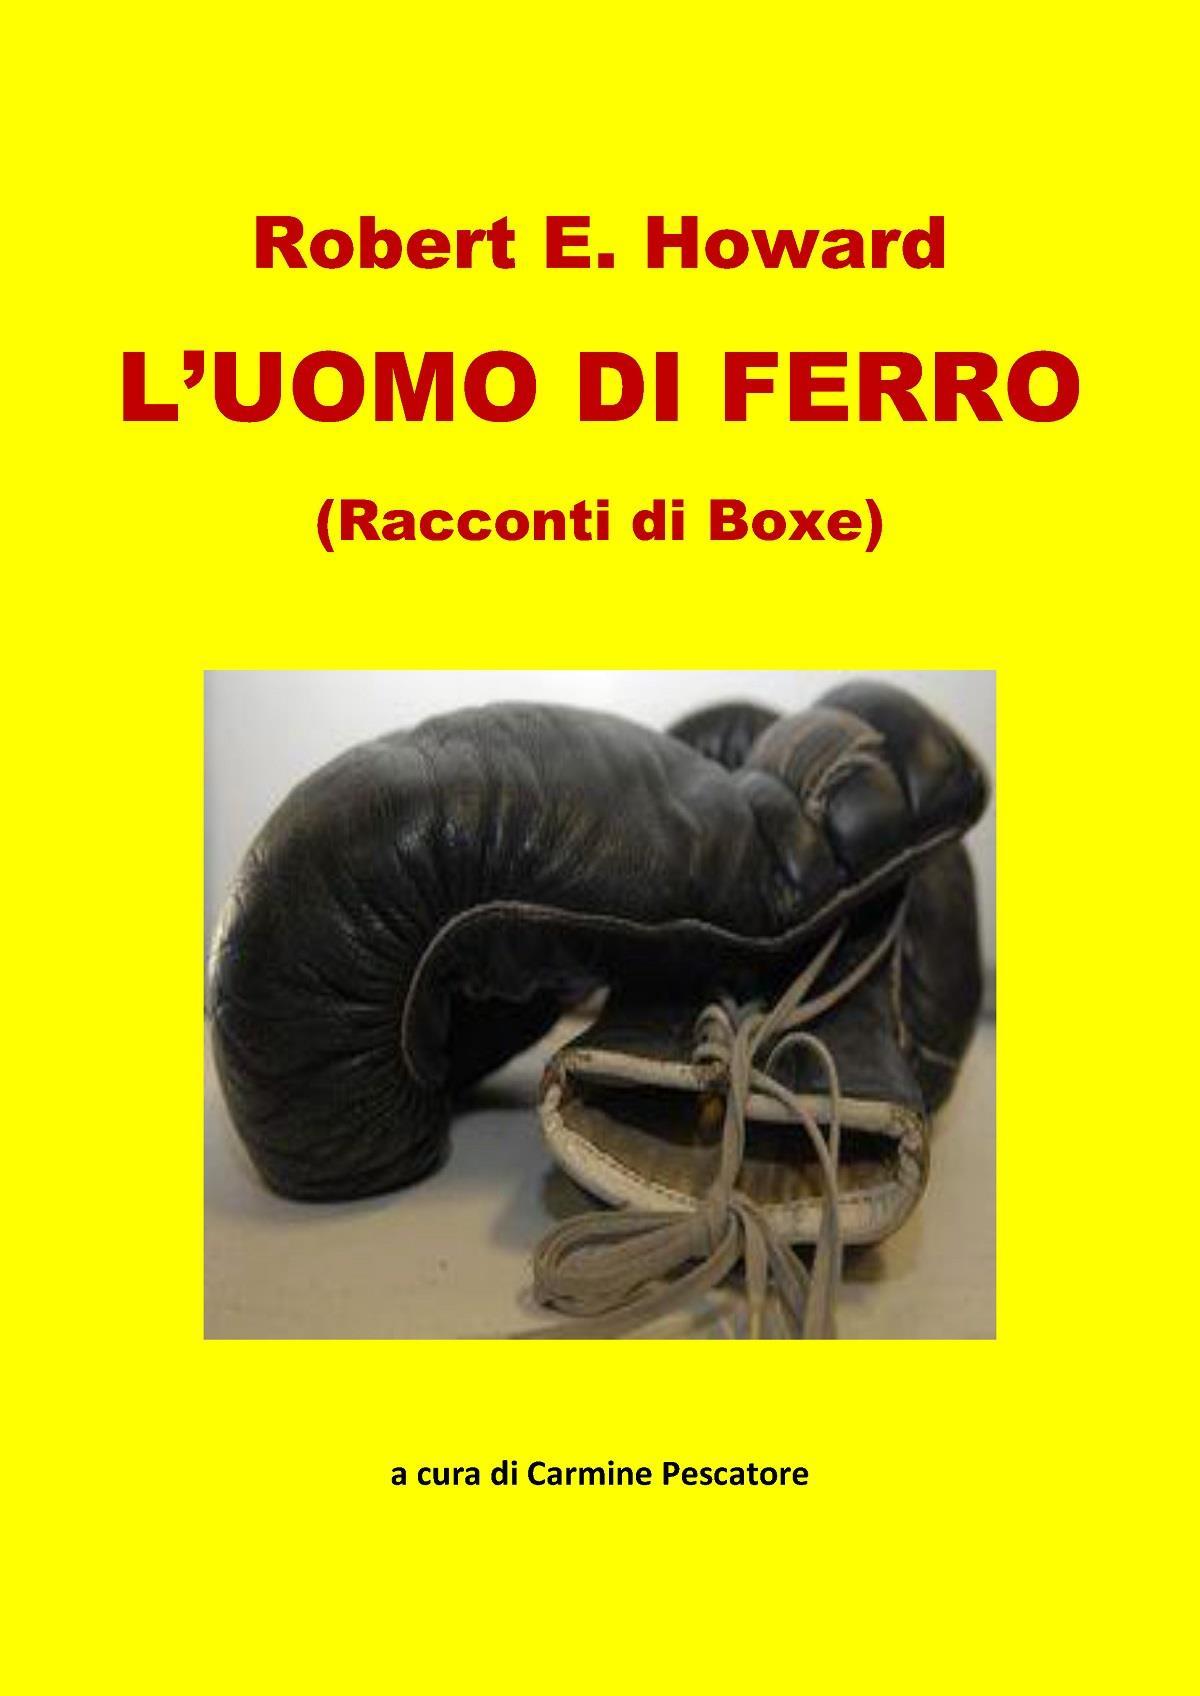 L'UOMO DI FERRO (Racconti di Boxe)